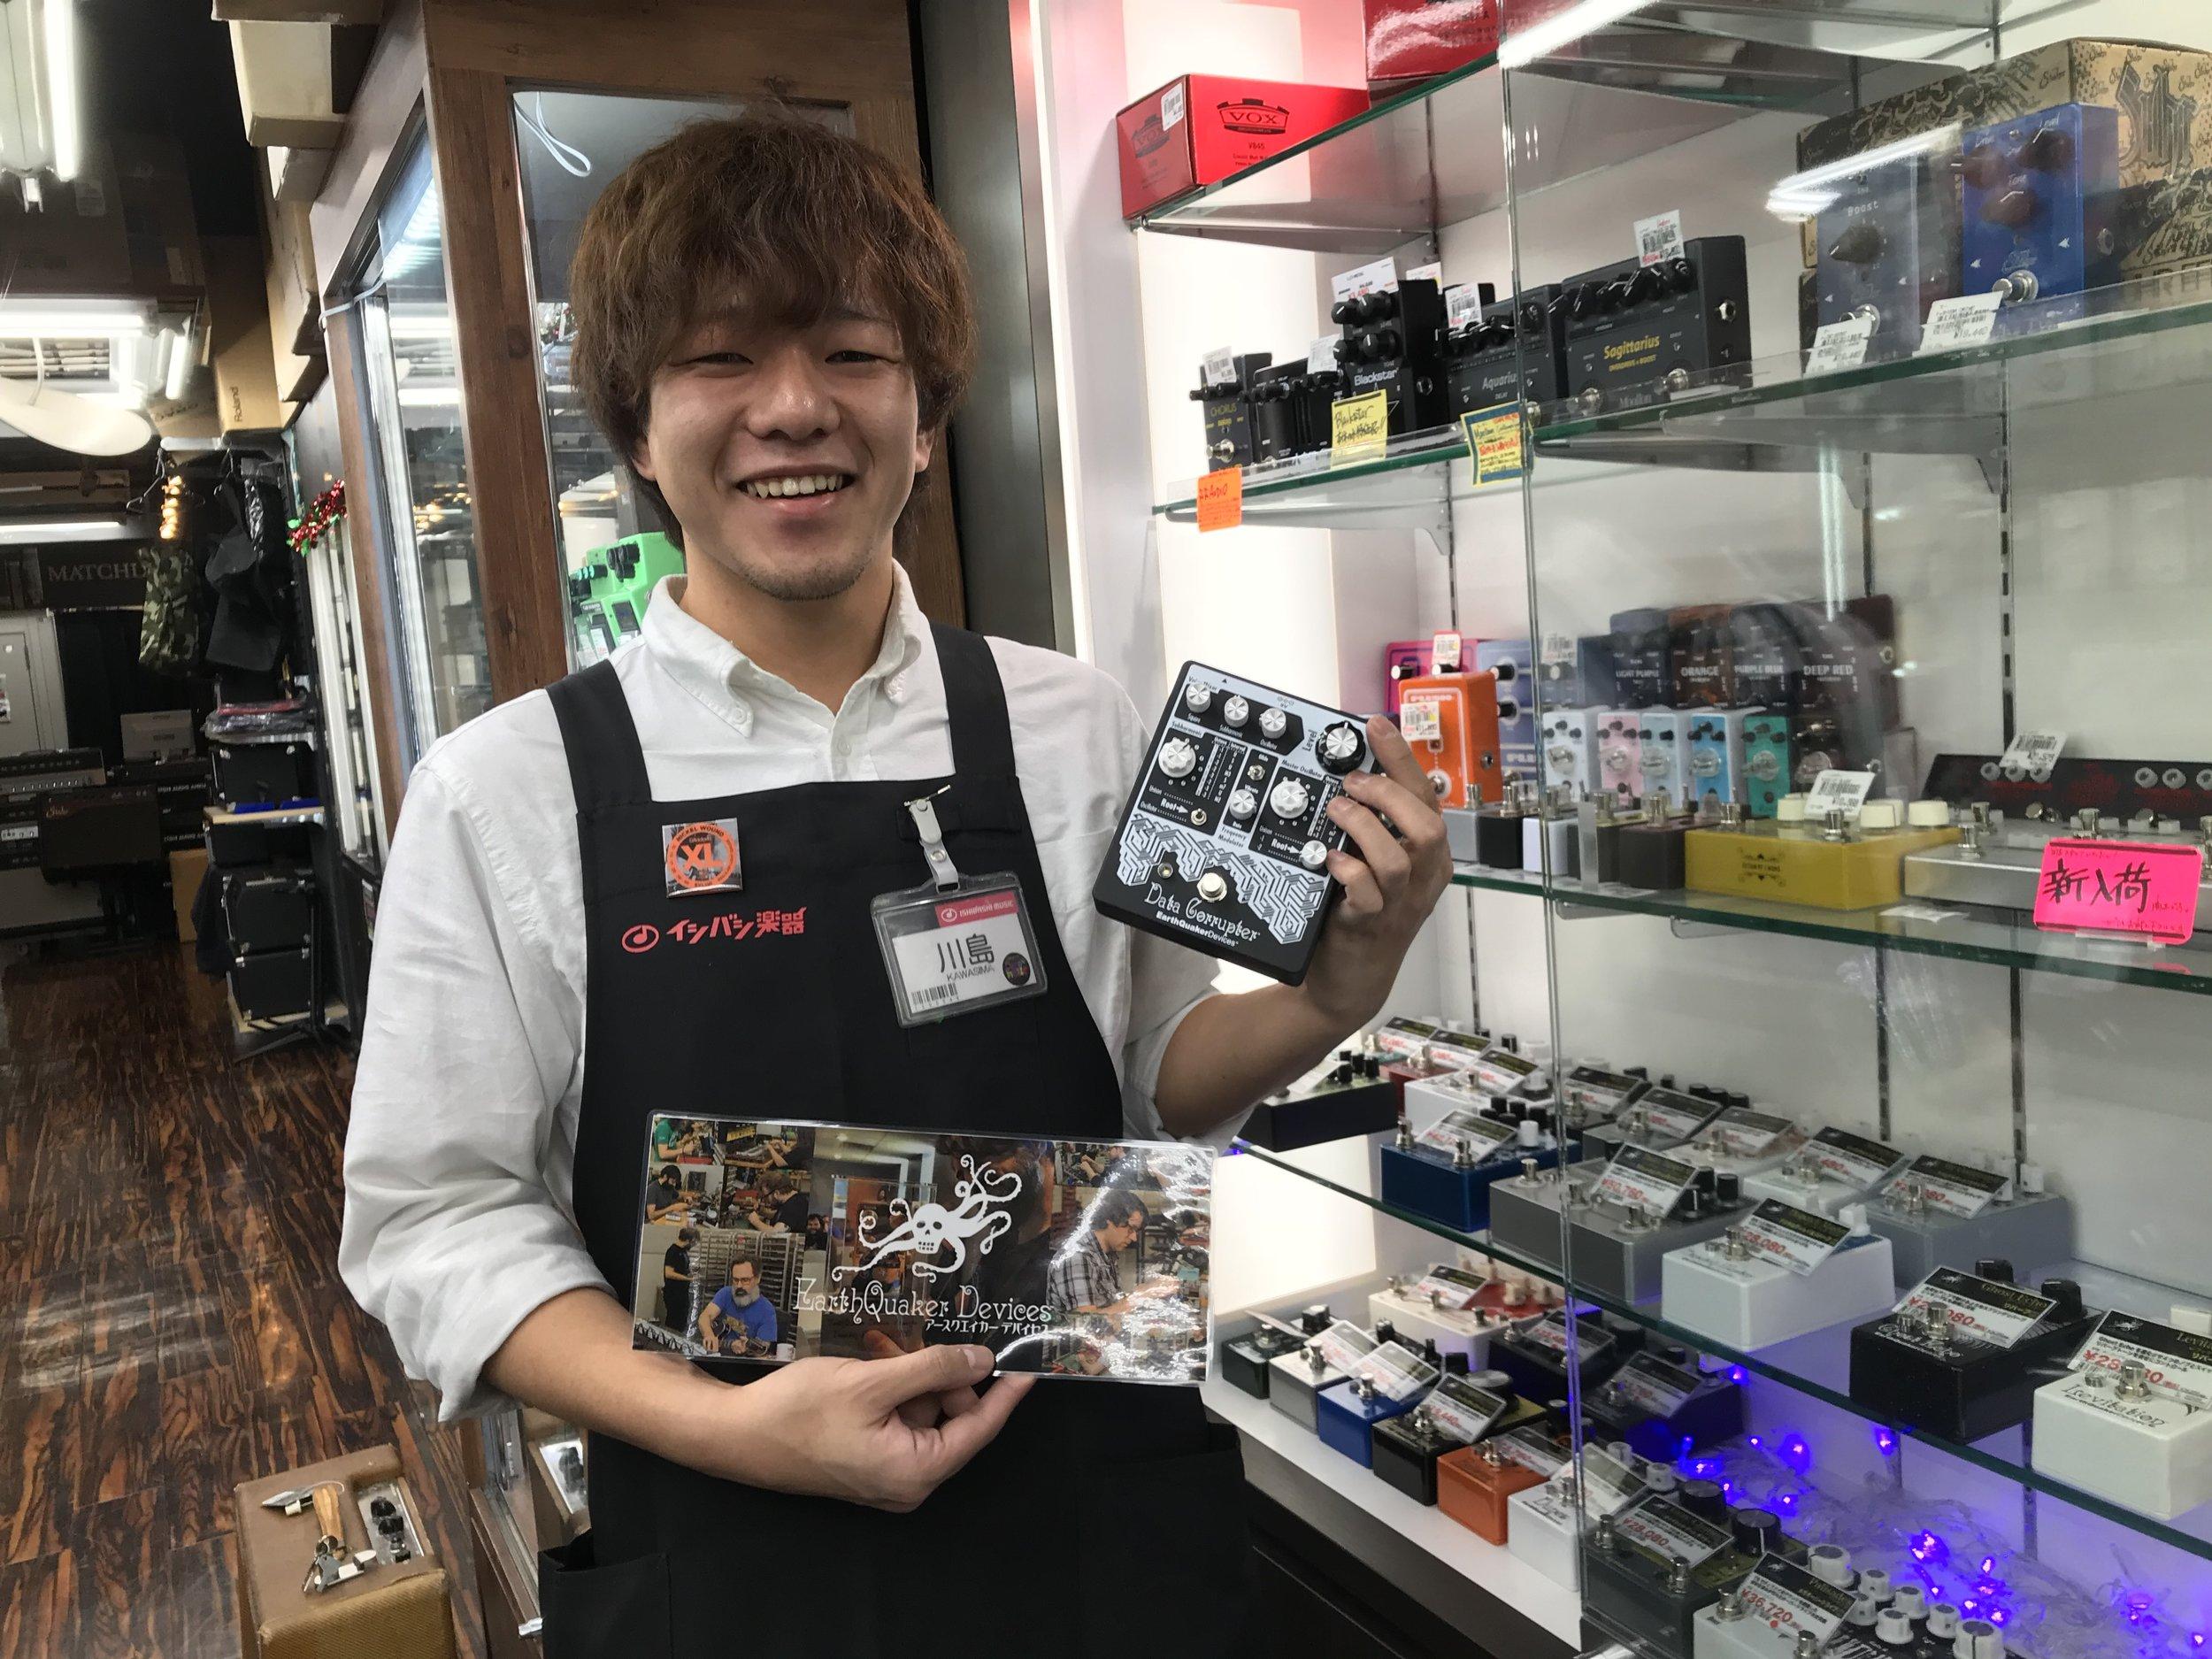 イシバシ楽器新宿店。彼はデータコラプター持ってるだけで笑っちゃってマス!